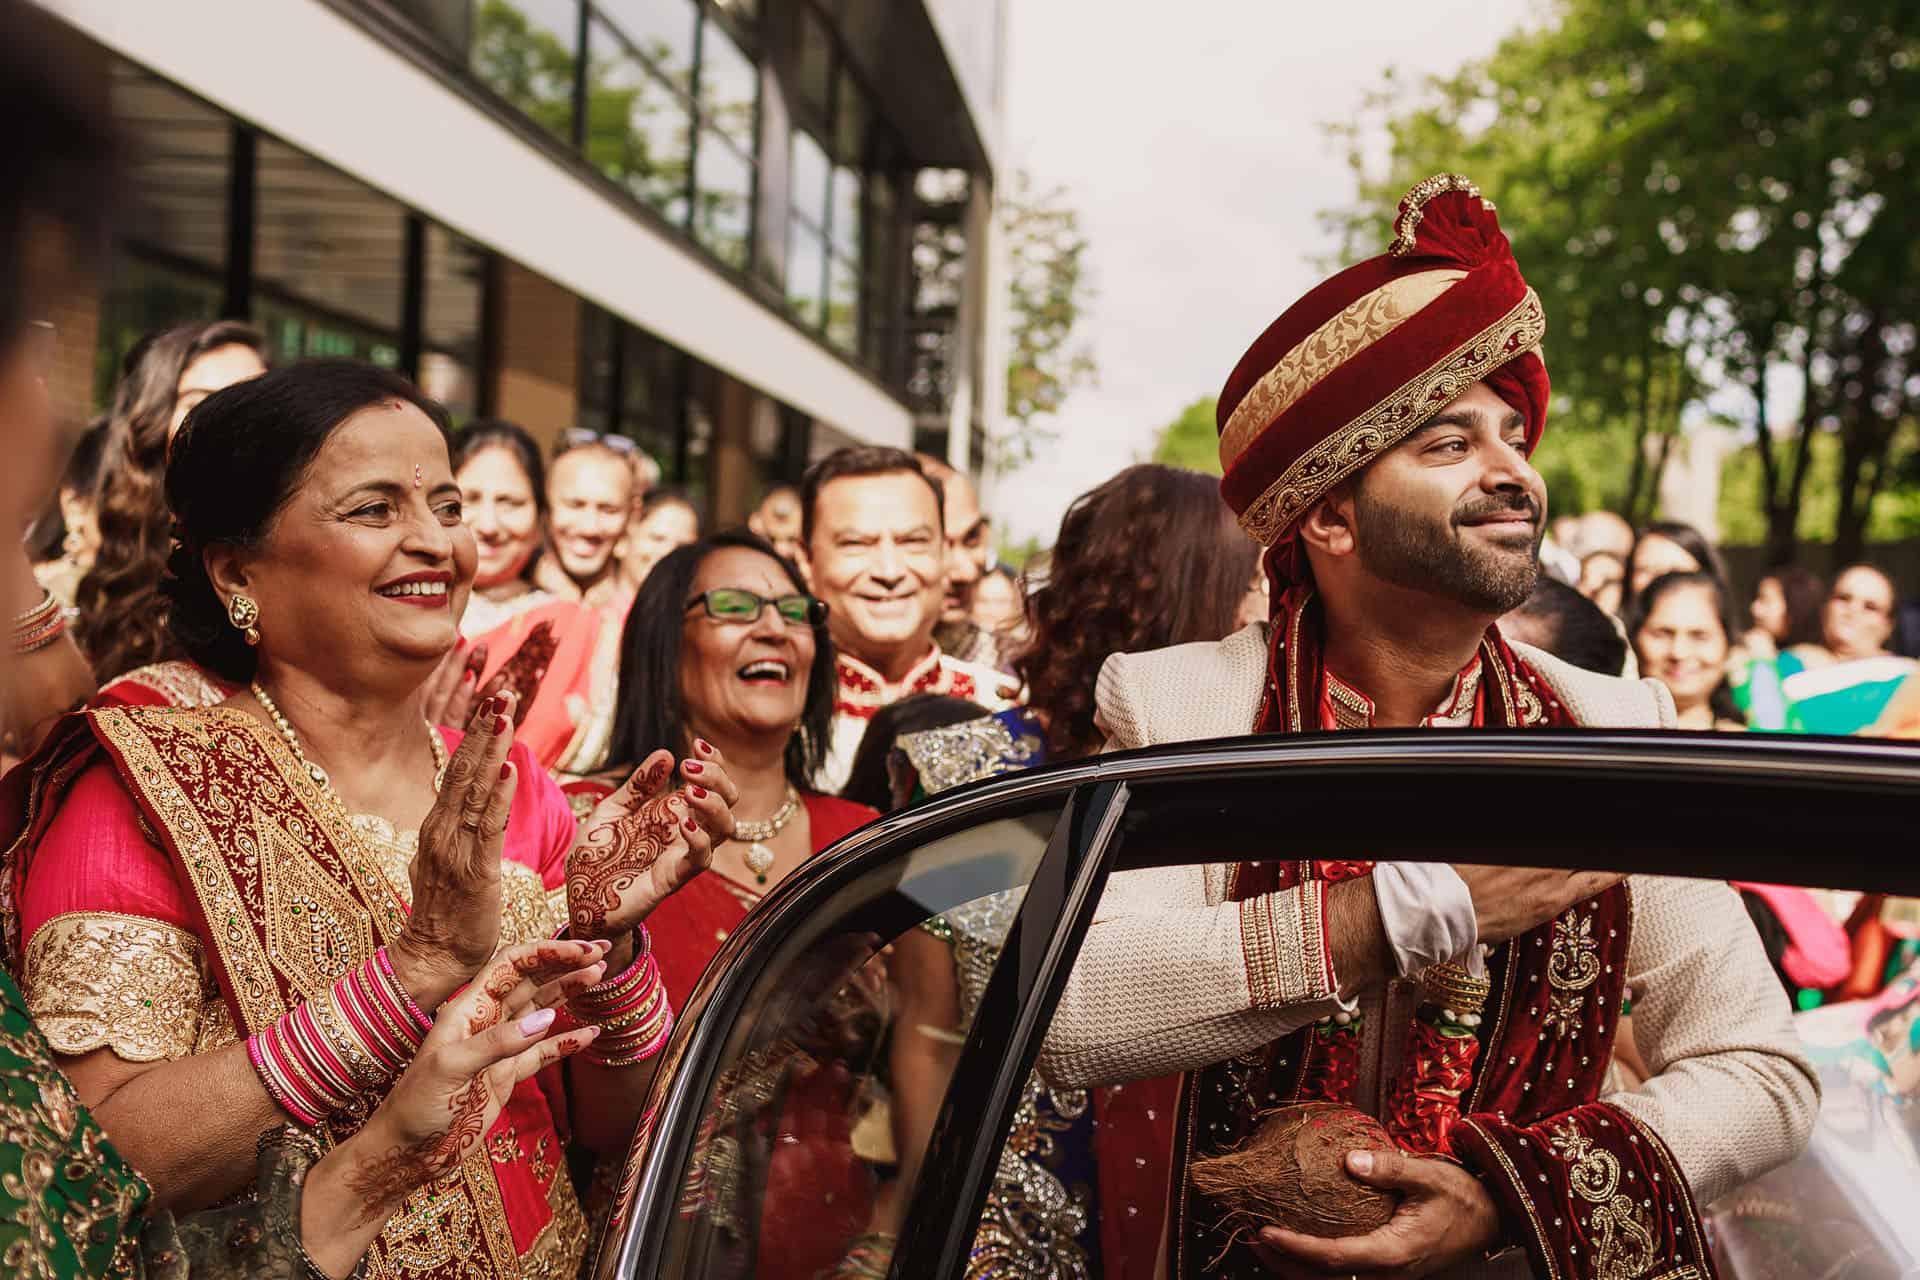 sattavis patidar centre hindu wedding